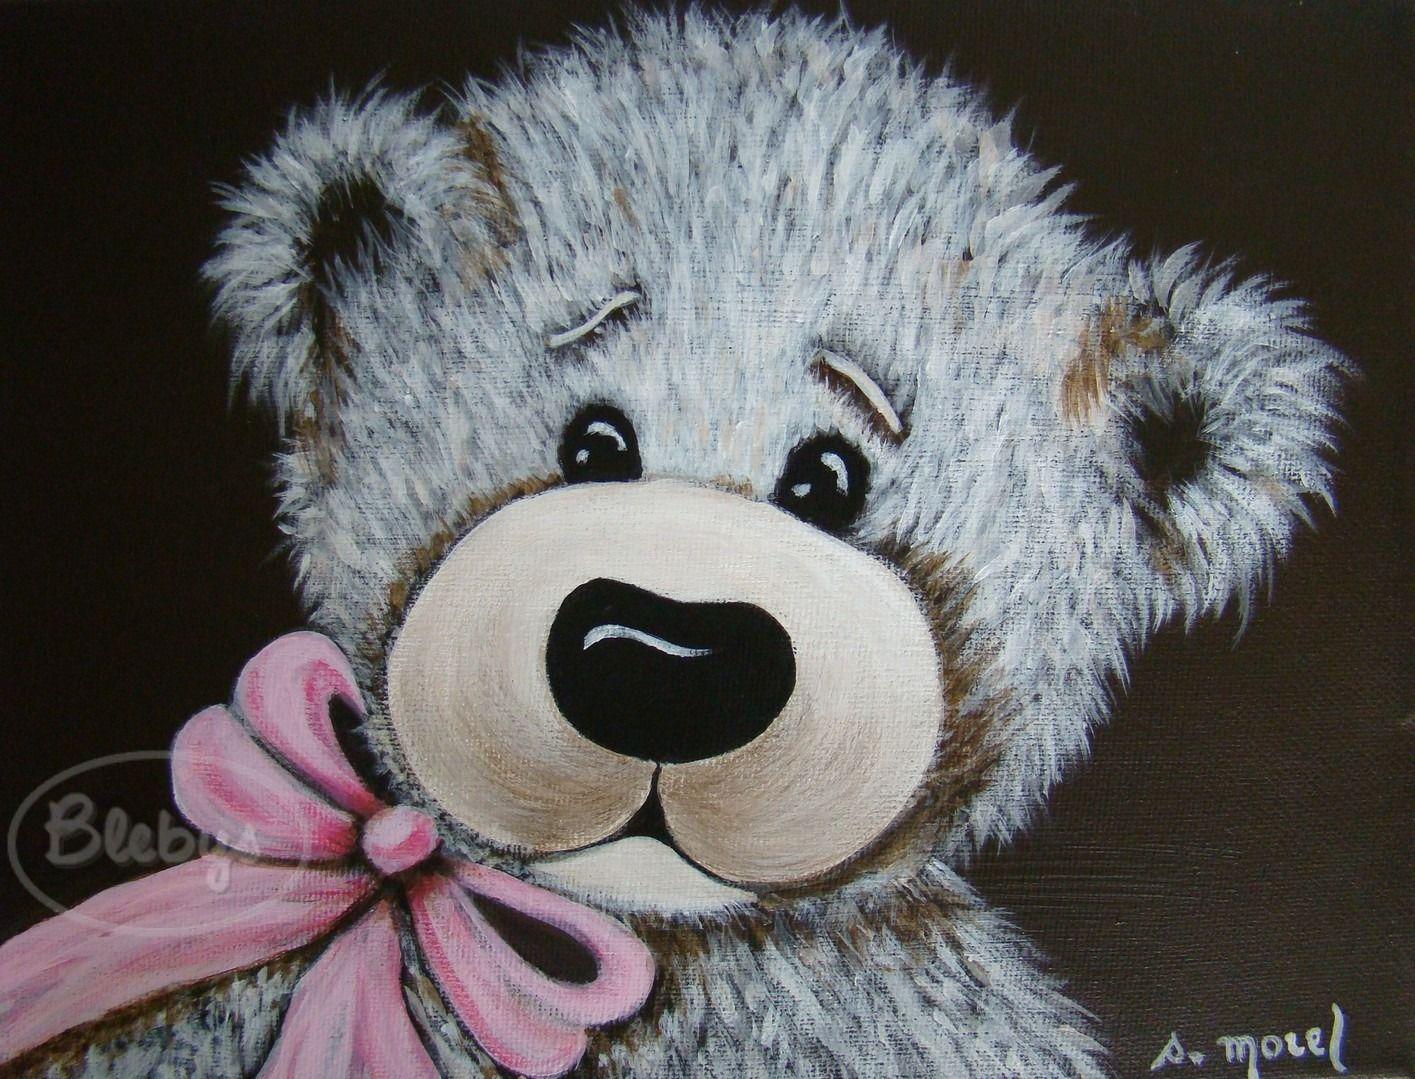 D coration pour enfant tableau peinture ours ruban rose acrylique mes peintures watercolor - Peinture pour chambre enfant ...